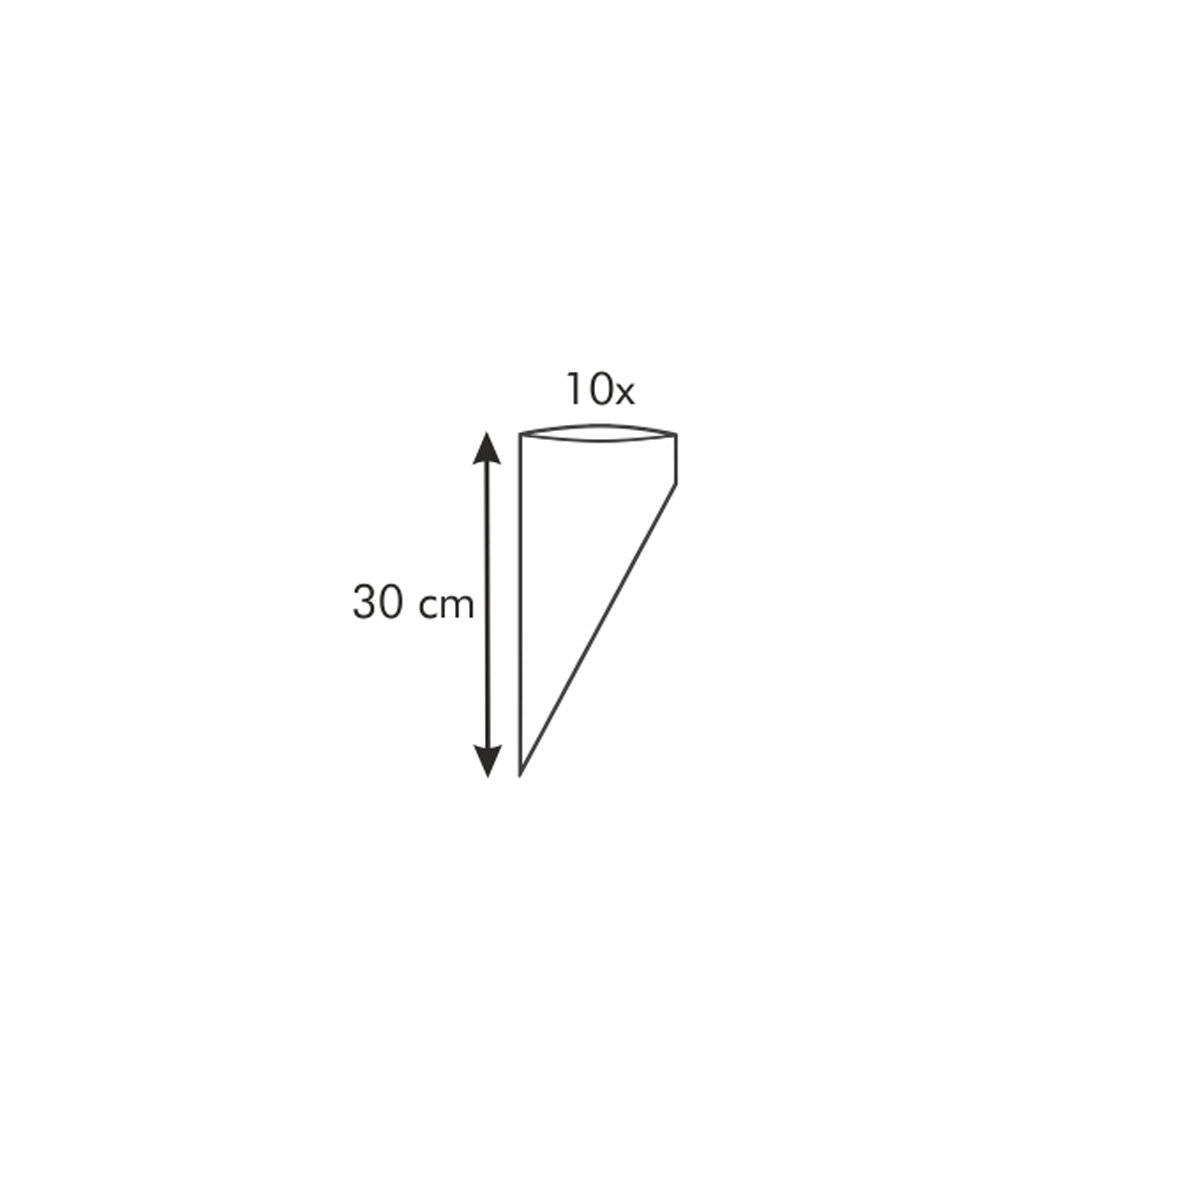 Zdobicí sáček DELÍCIA 30 cm, 10 ks, 6 trysek